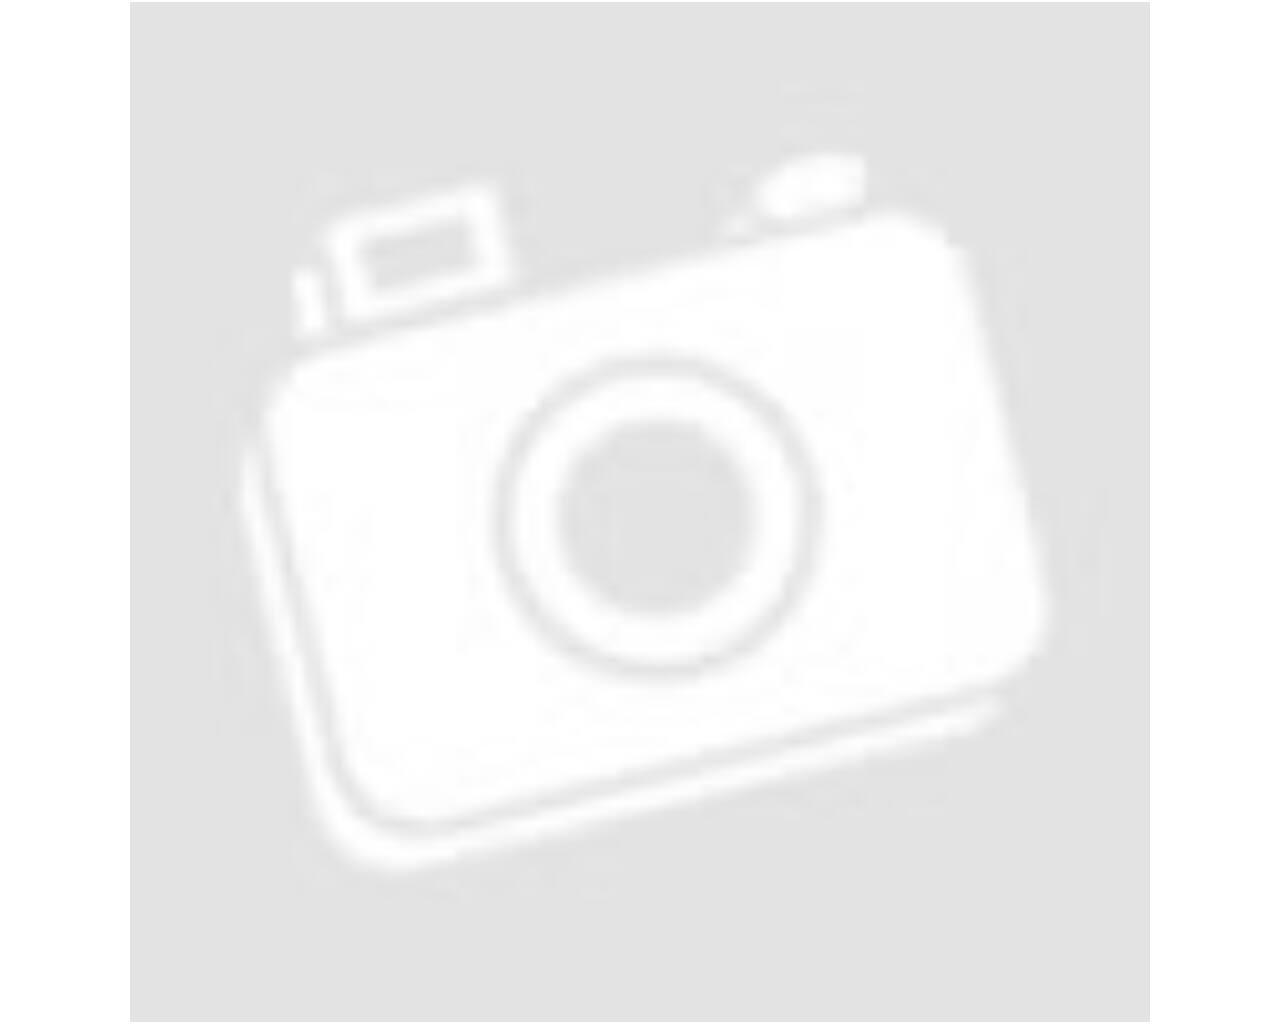 bosch zsáknélküli porszívó PureAir higiénikus szűrő, 1,5 l, 700 W